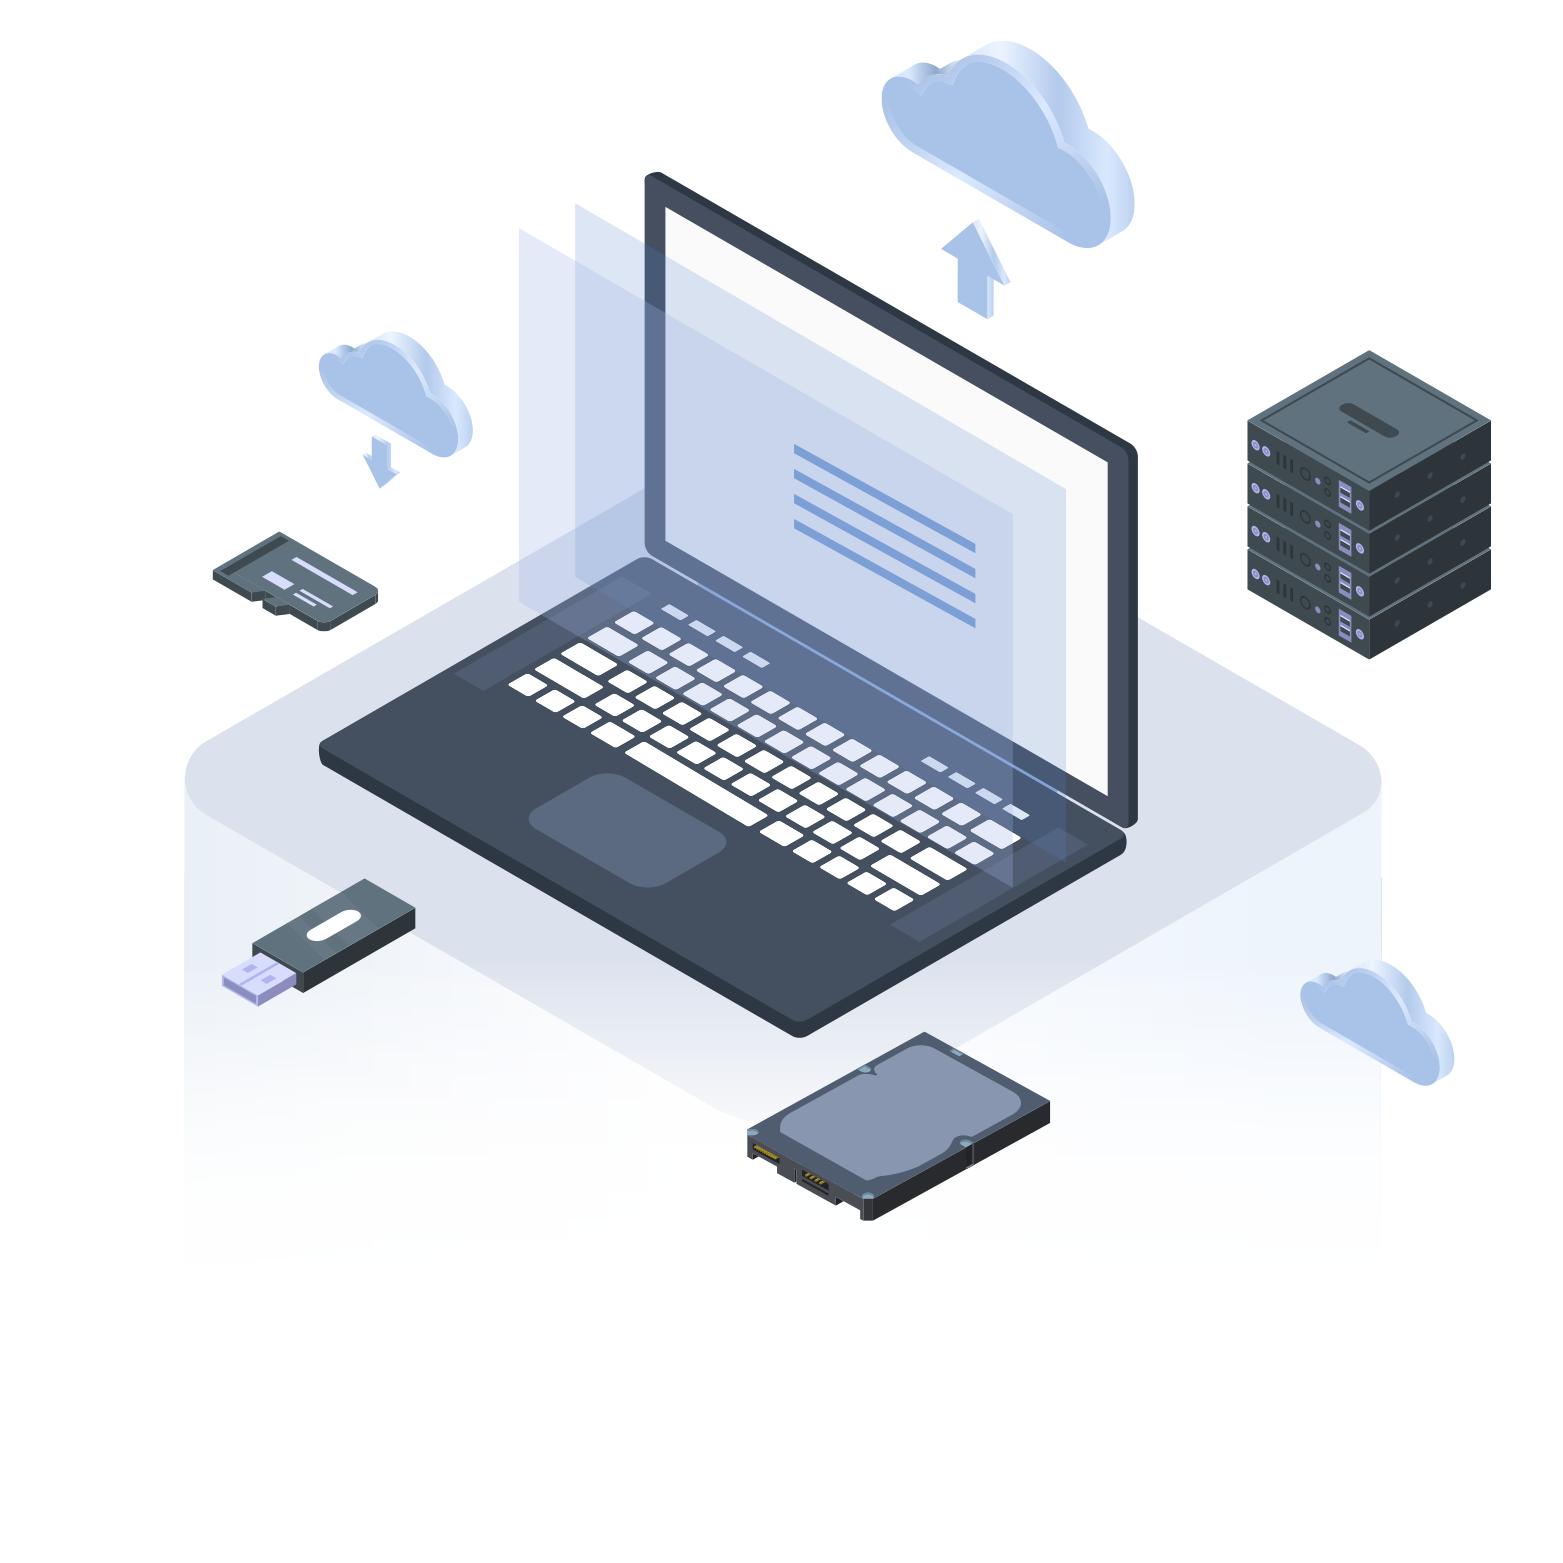 Återställ HFS-Filer i Windows med Disk Drill